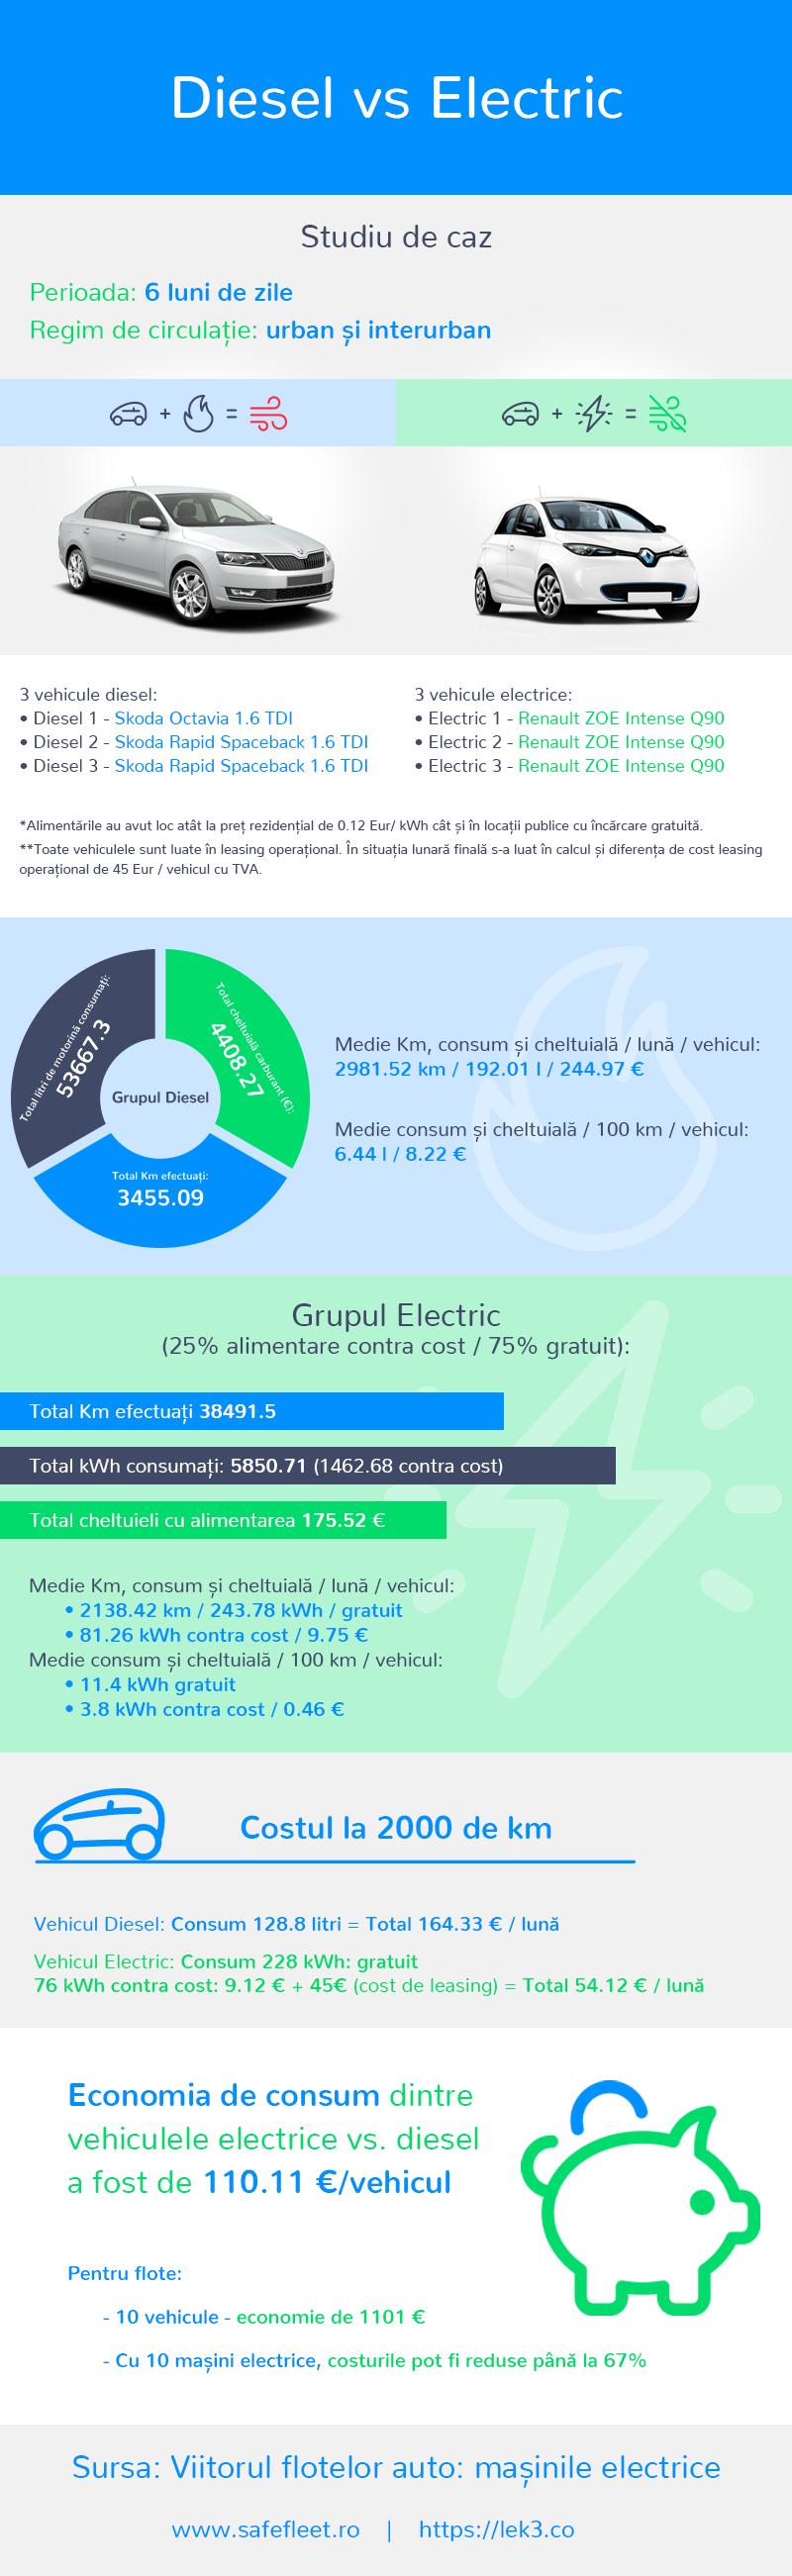 infografic_lek3.co_diesel_vs_electric_RO_v4_22042019-1